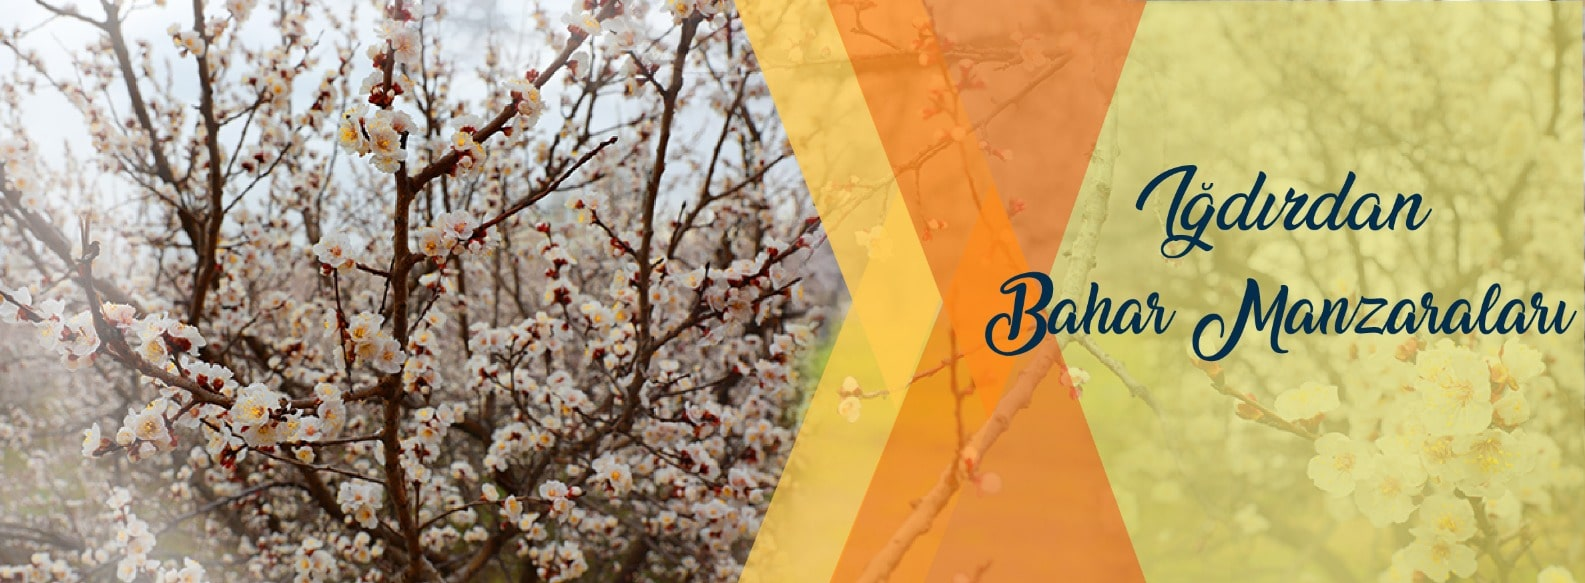 bahar-banner-01.jpg